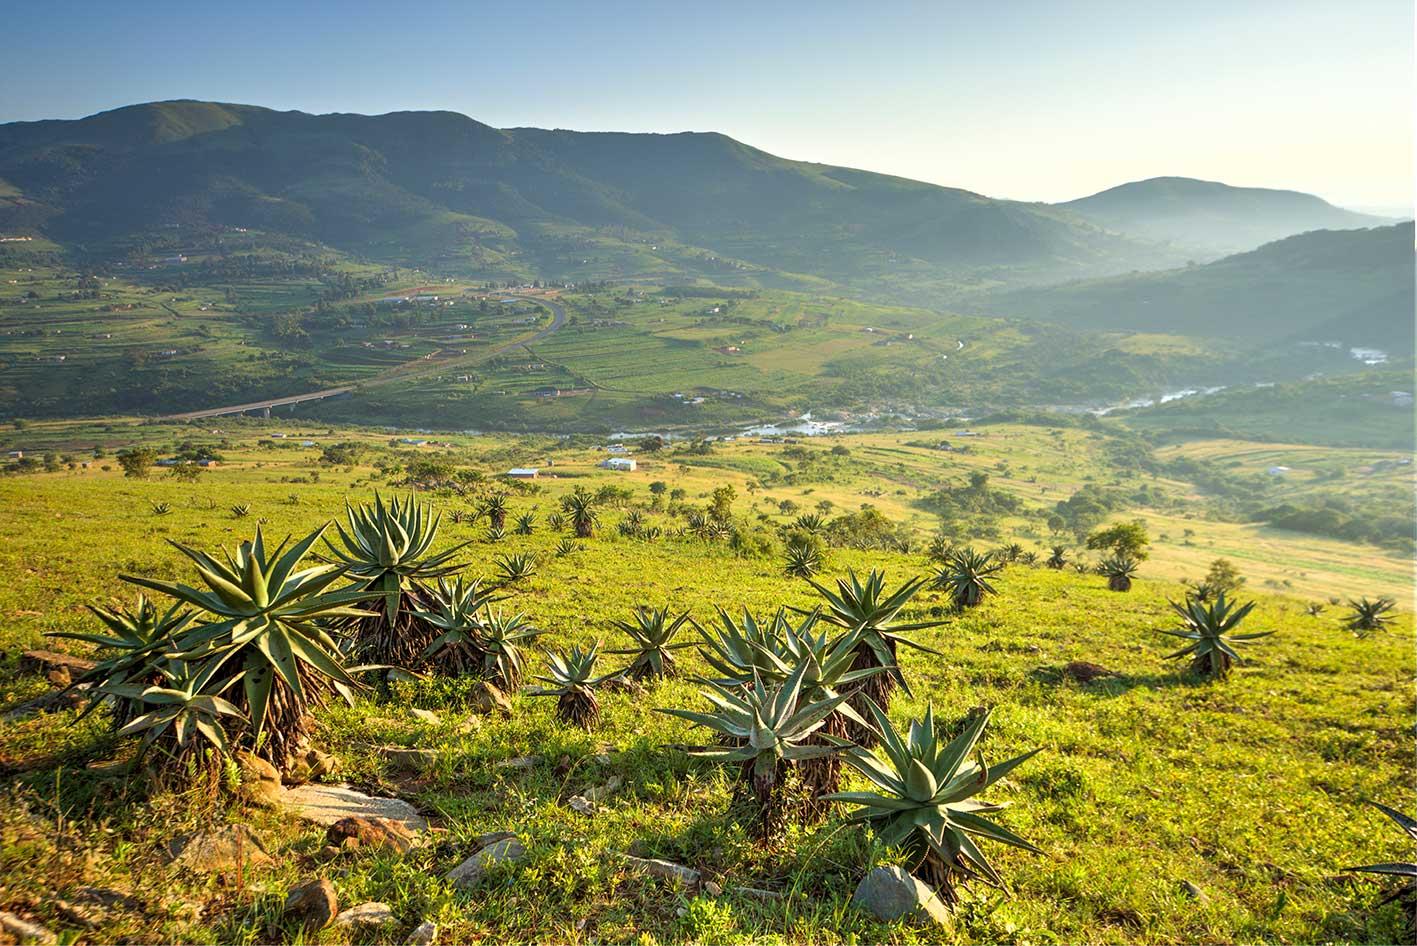 swaziland-aloes-teagan-cunniffe.jpg